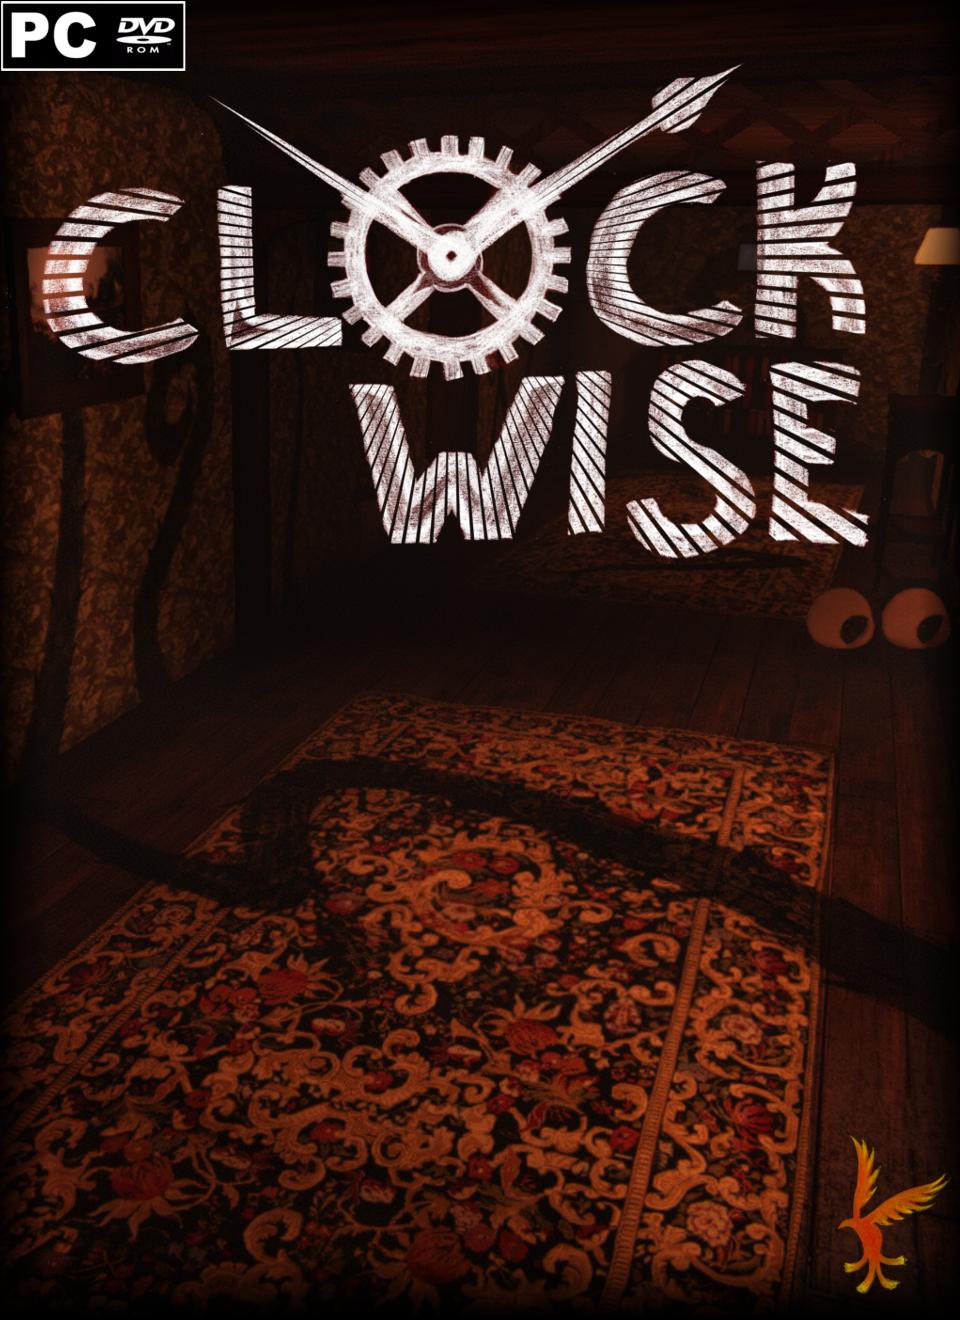 Clockwise.